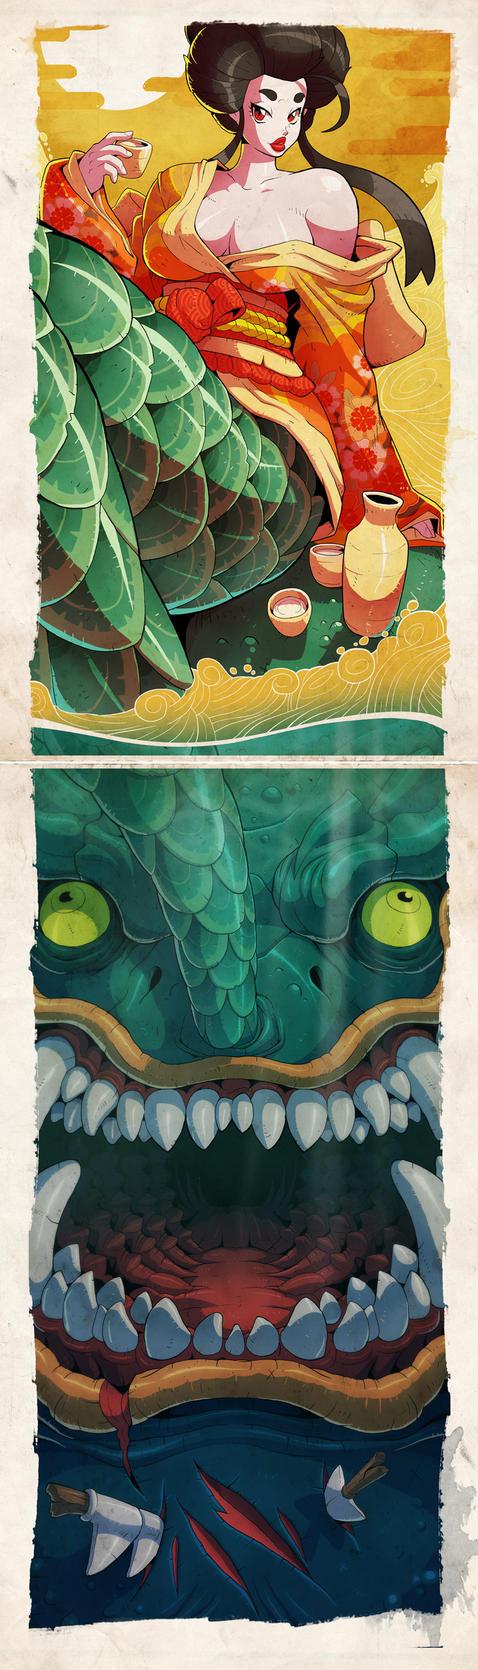 Don't Trust Mermaids by Lysol-Jones